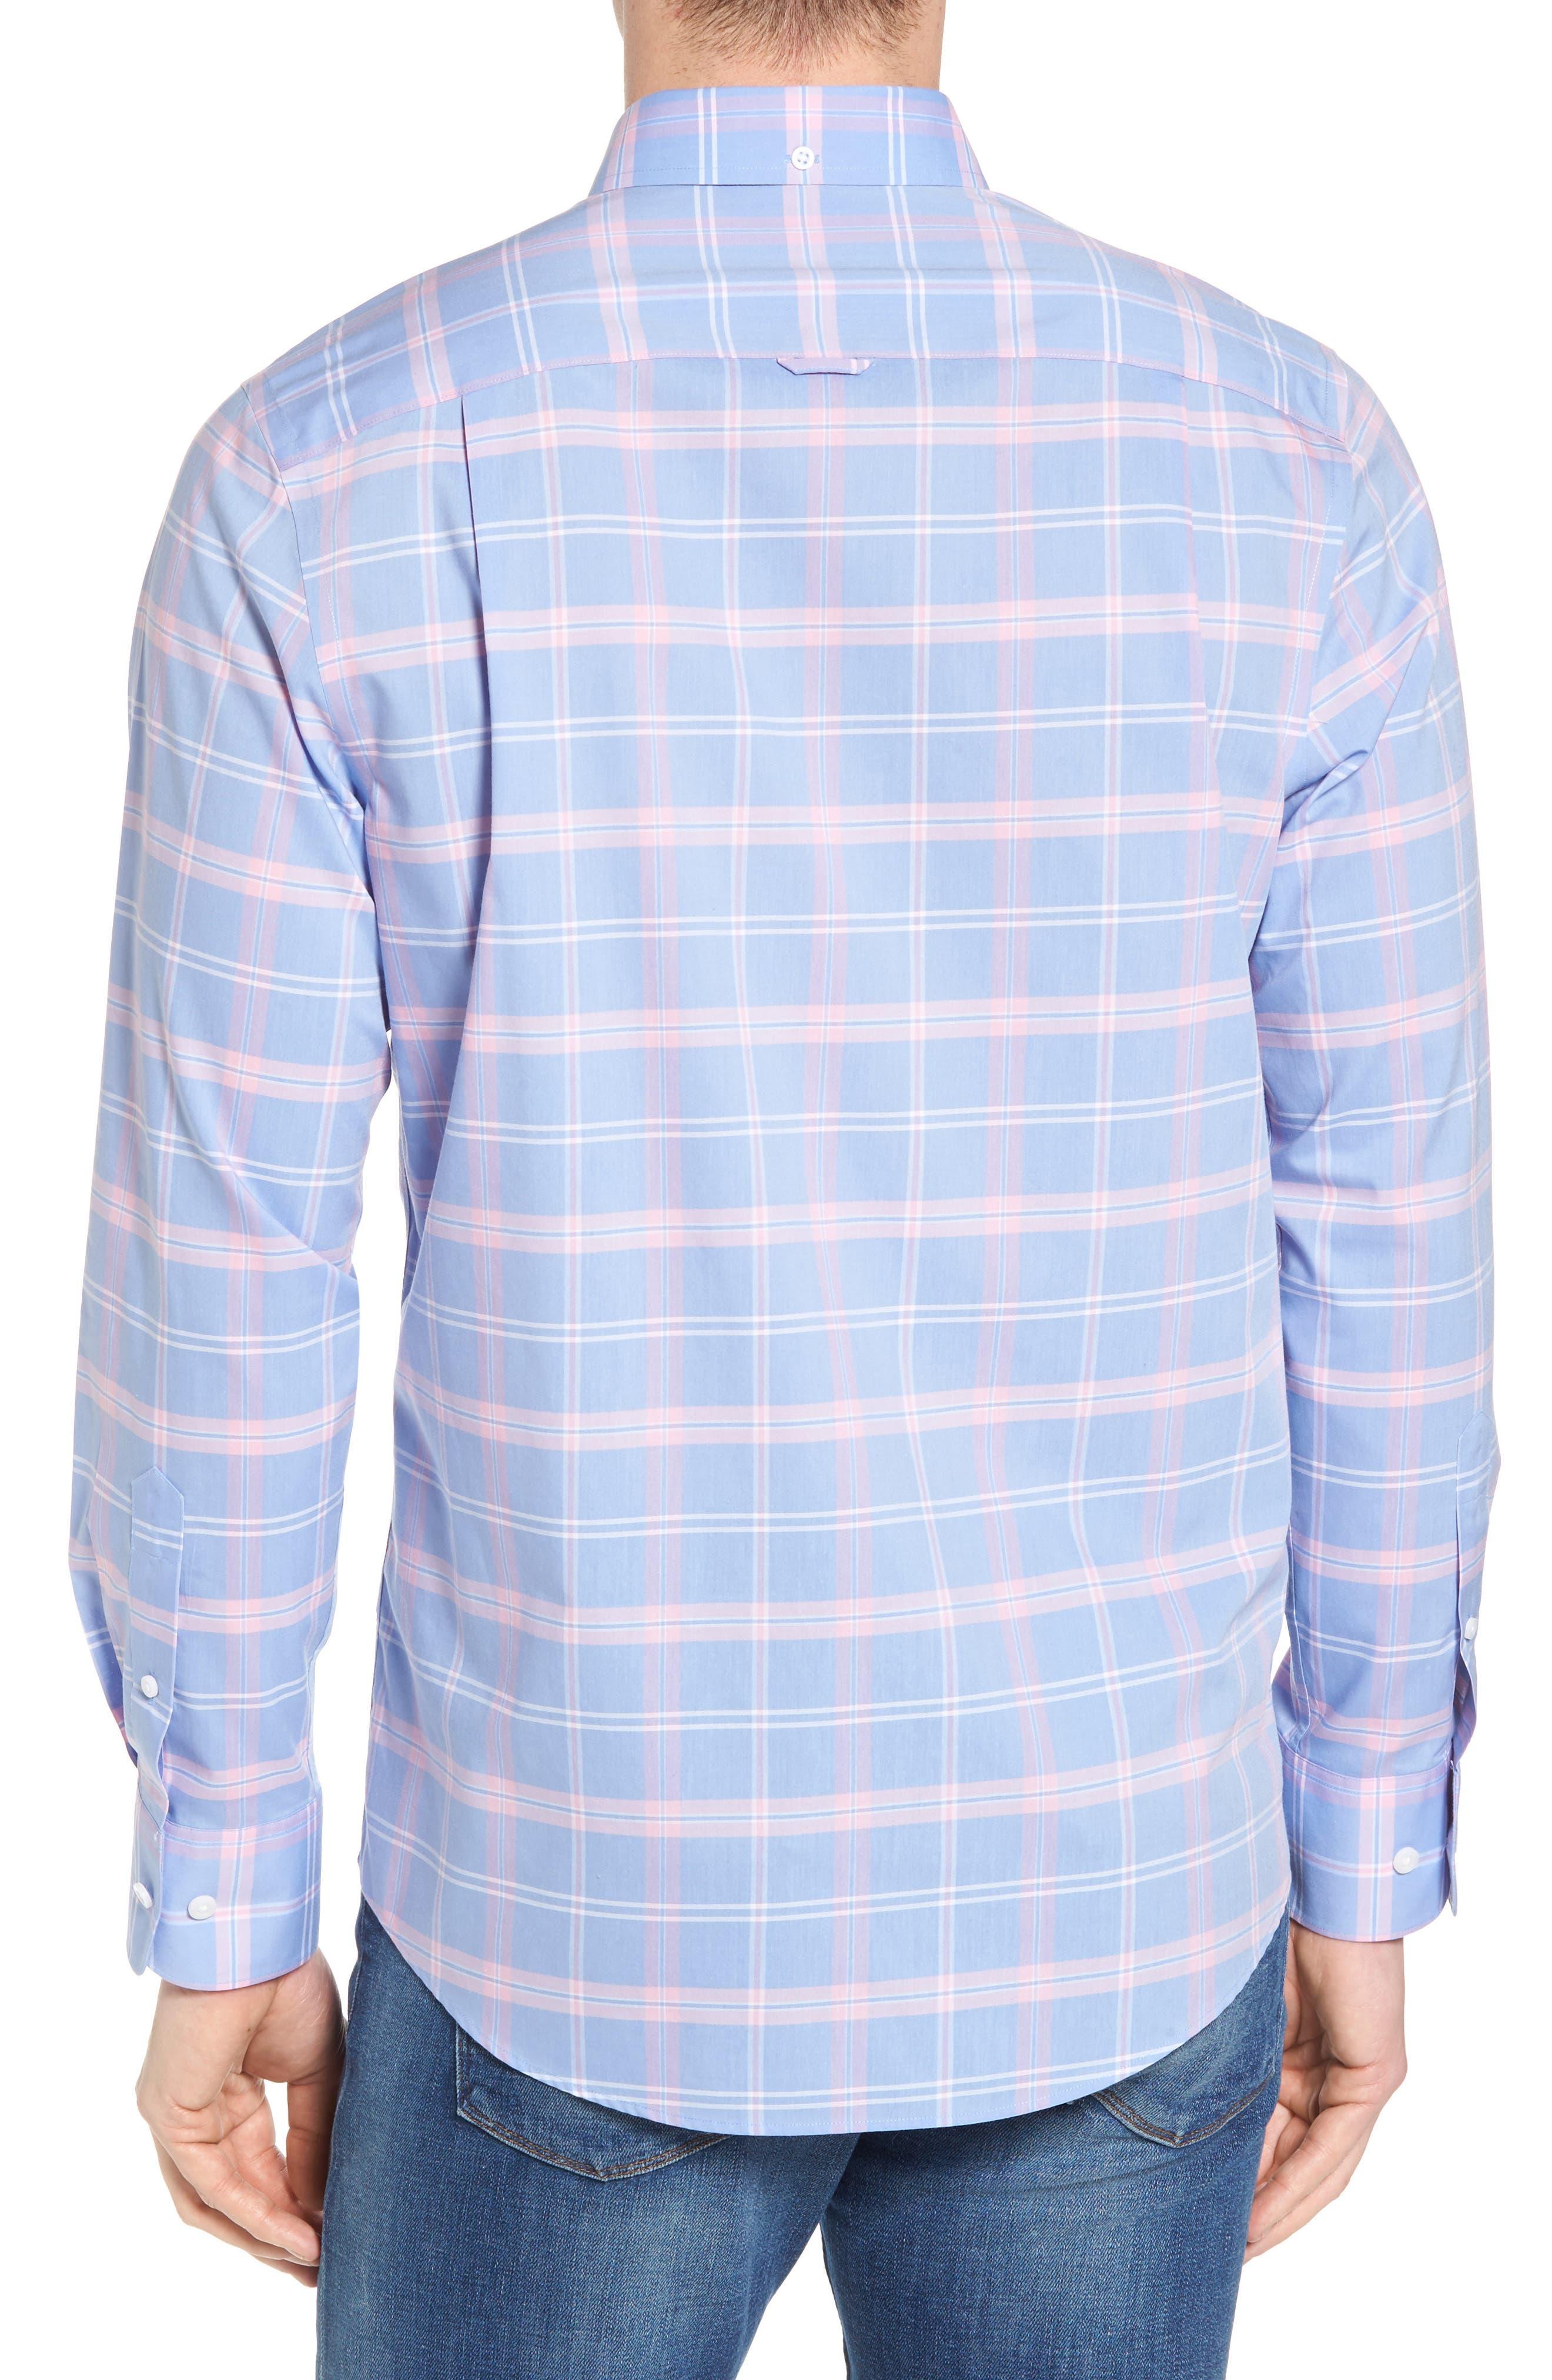 Smartcare<sup>™</sup> Regular Fit Plaid Sport Shirt,                             Alternate thumbnail 3, color,                             Blue Dusk Pink Plaid